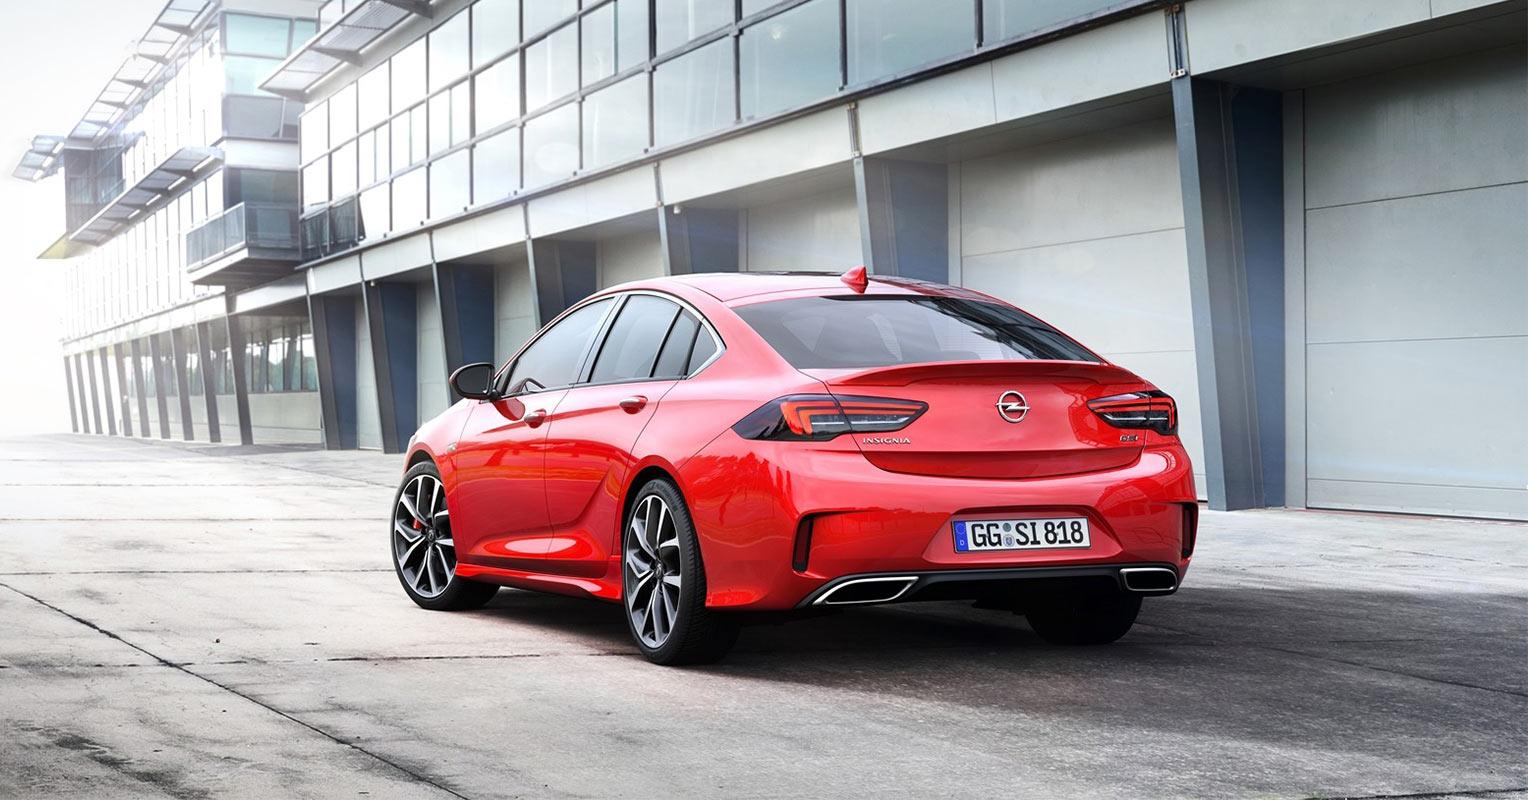 Trasera del Opel Insignia Grand Sport GSi 2018